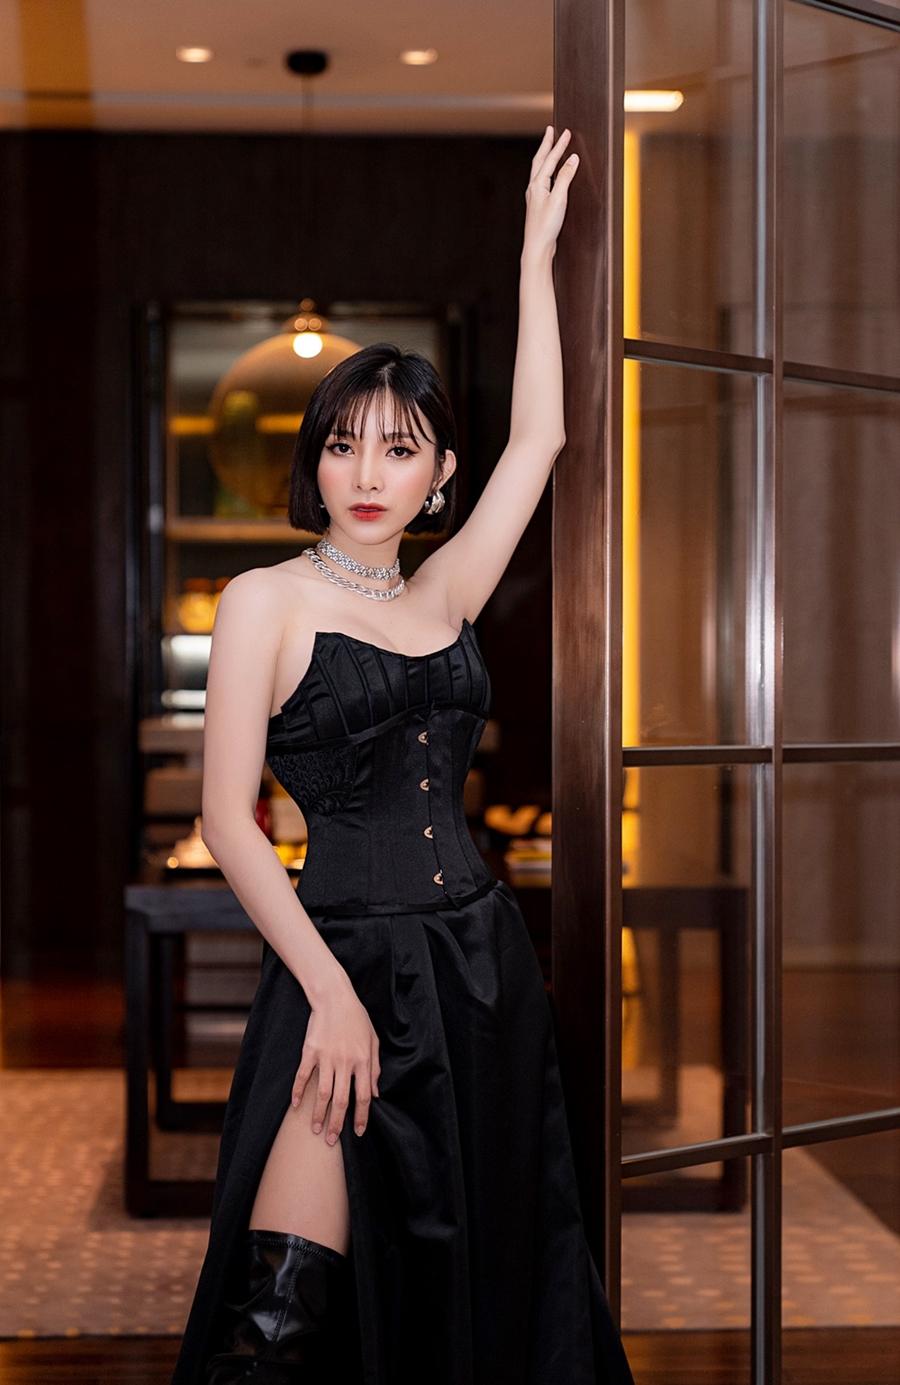 Phong cách sexy của nữ chính MV mới của Đan Trường - 5